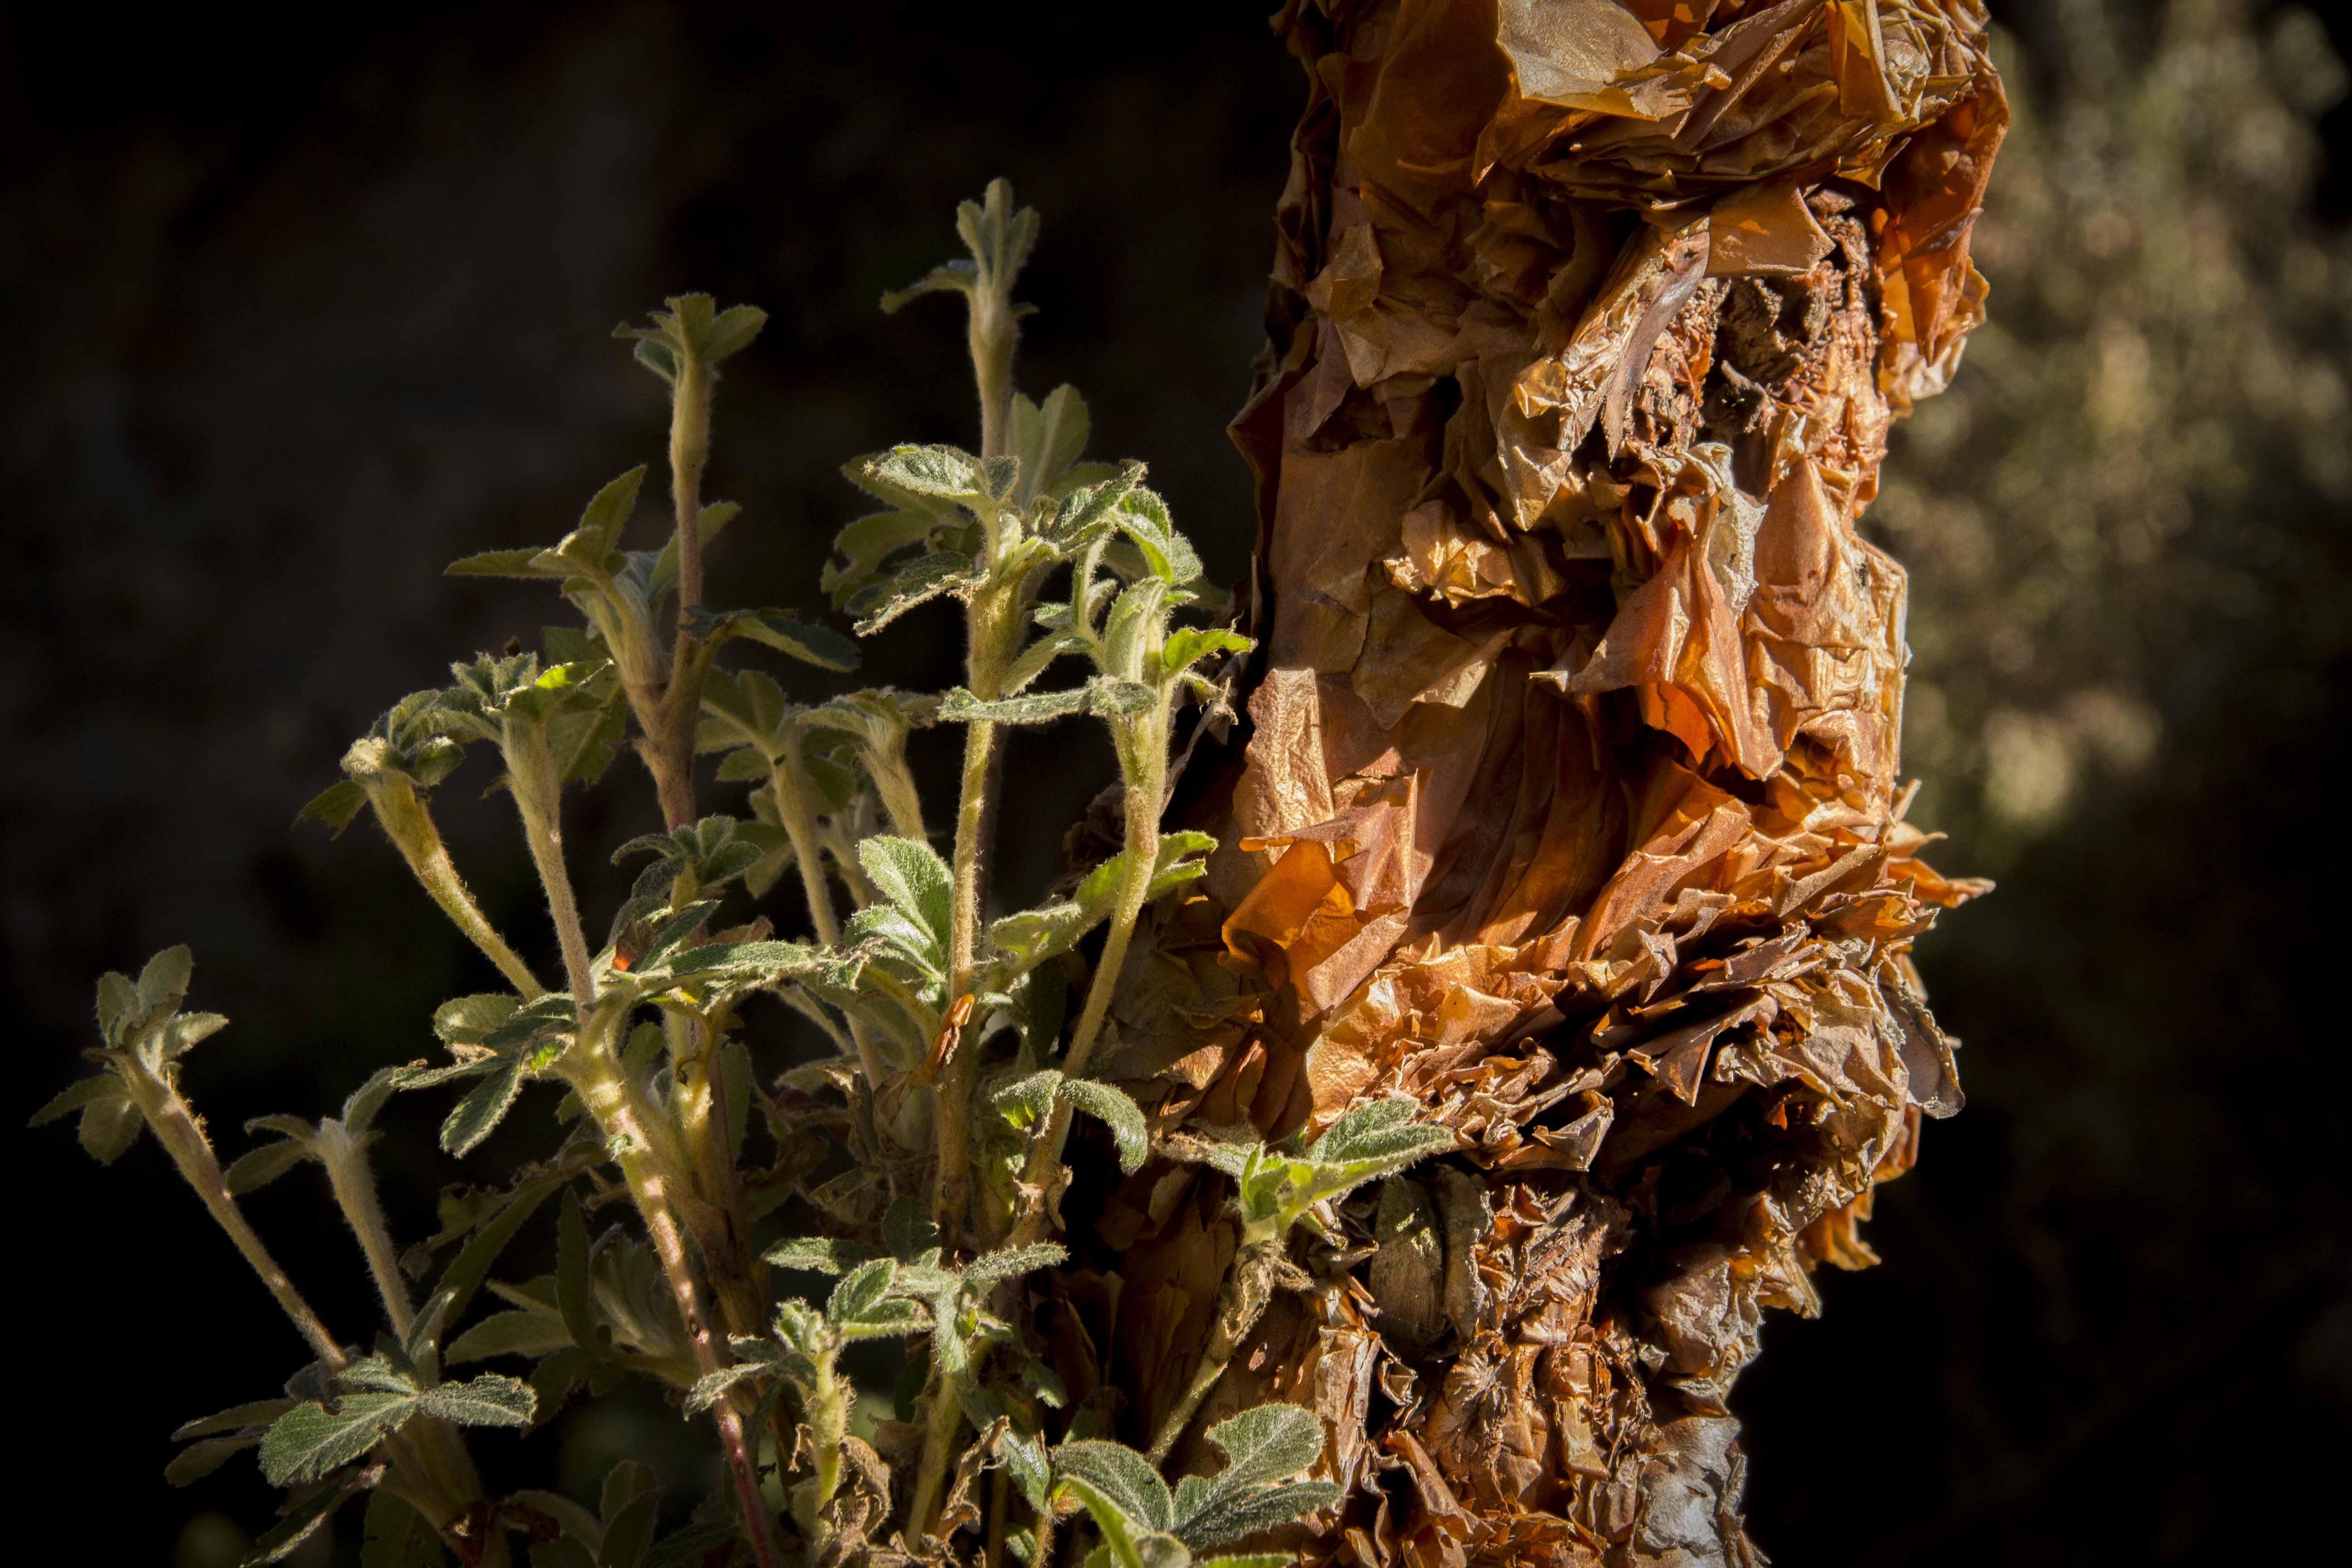 Los queñoales crecen en bosques nublados y cumplen una función climática. Foto: Asociación Armonía.